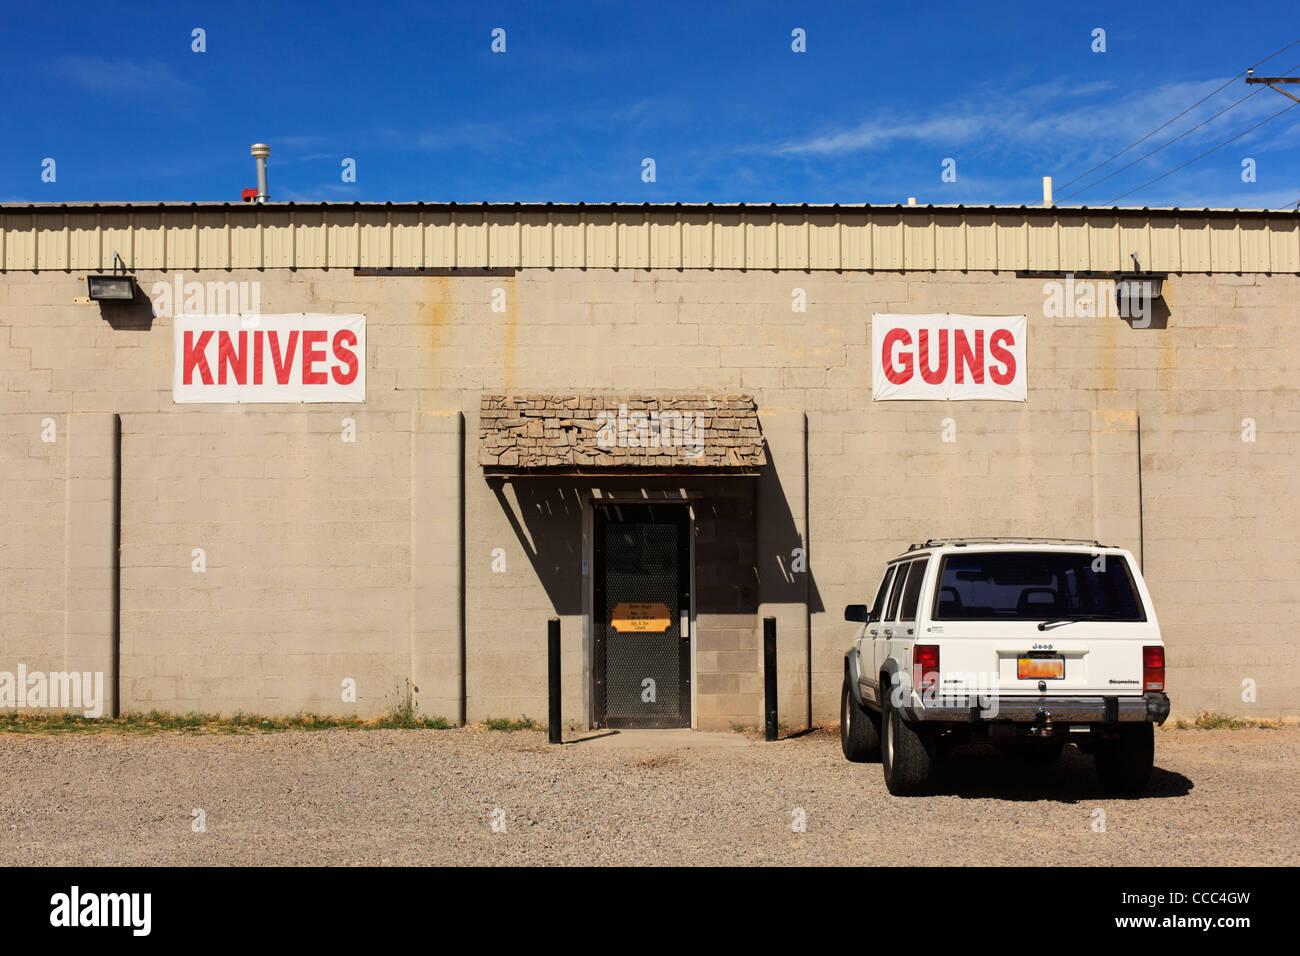 Tienda de venta de navajas y pistolas, Nuevo México, EE.UU. Licencia de vehículo (oculta). Imagen De Stock